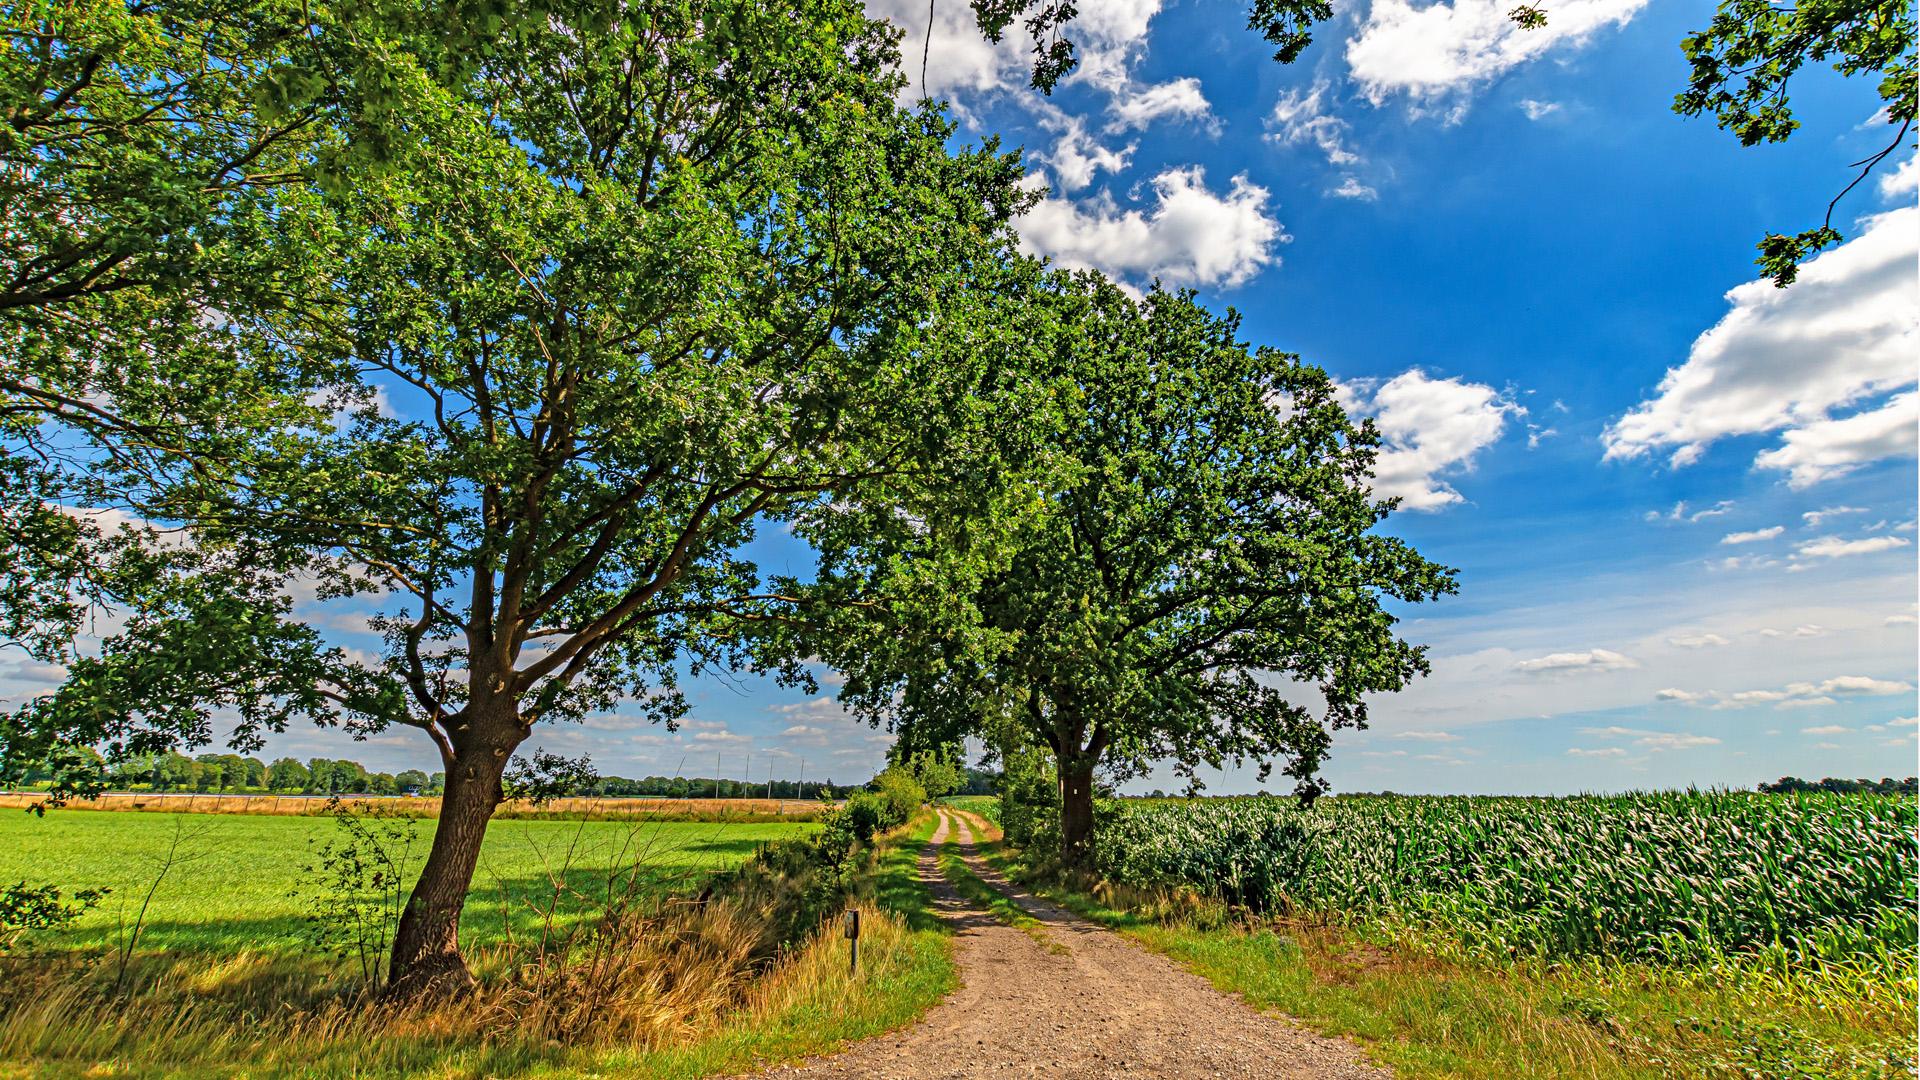 Wunderbare Wanderwege inmitten der landwirtschaftlich geprägten Gegend rund um Mulmshorn